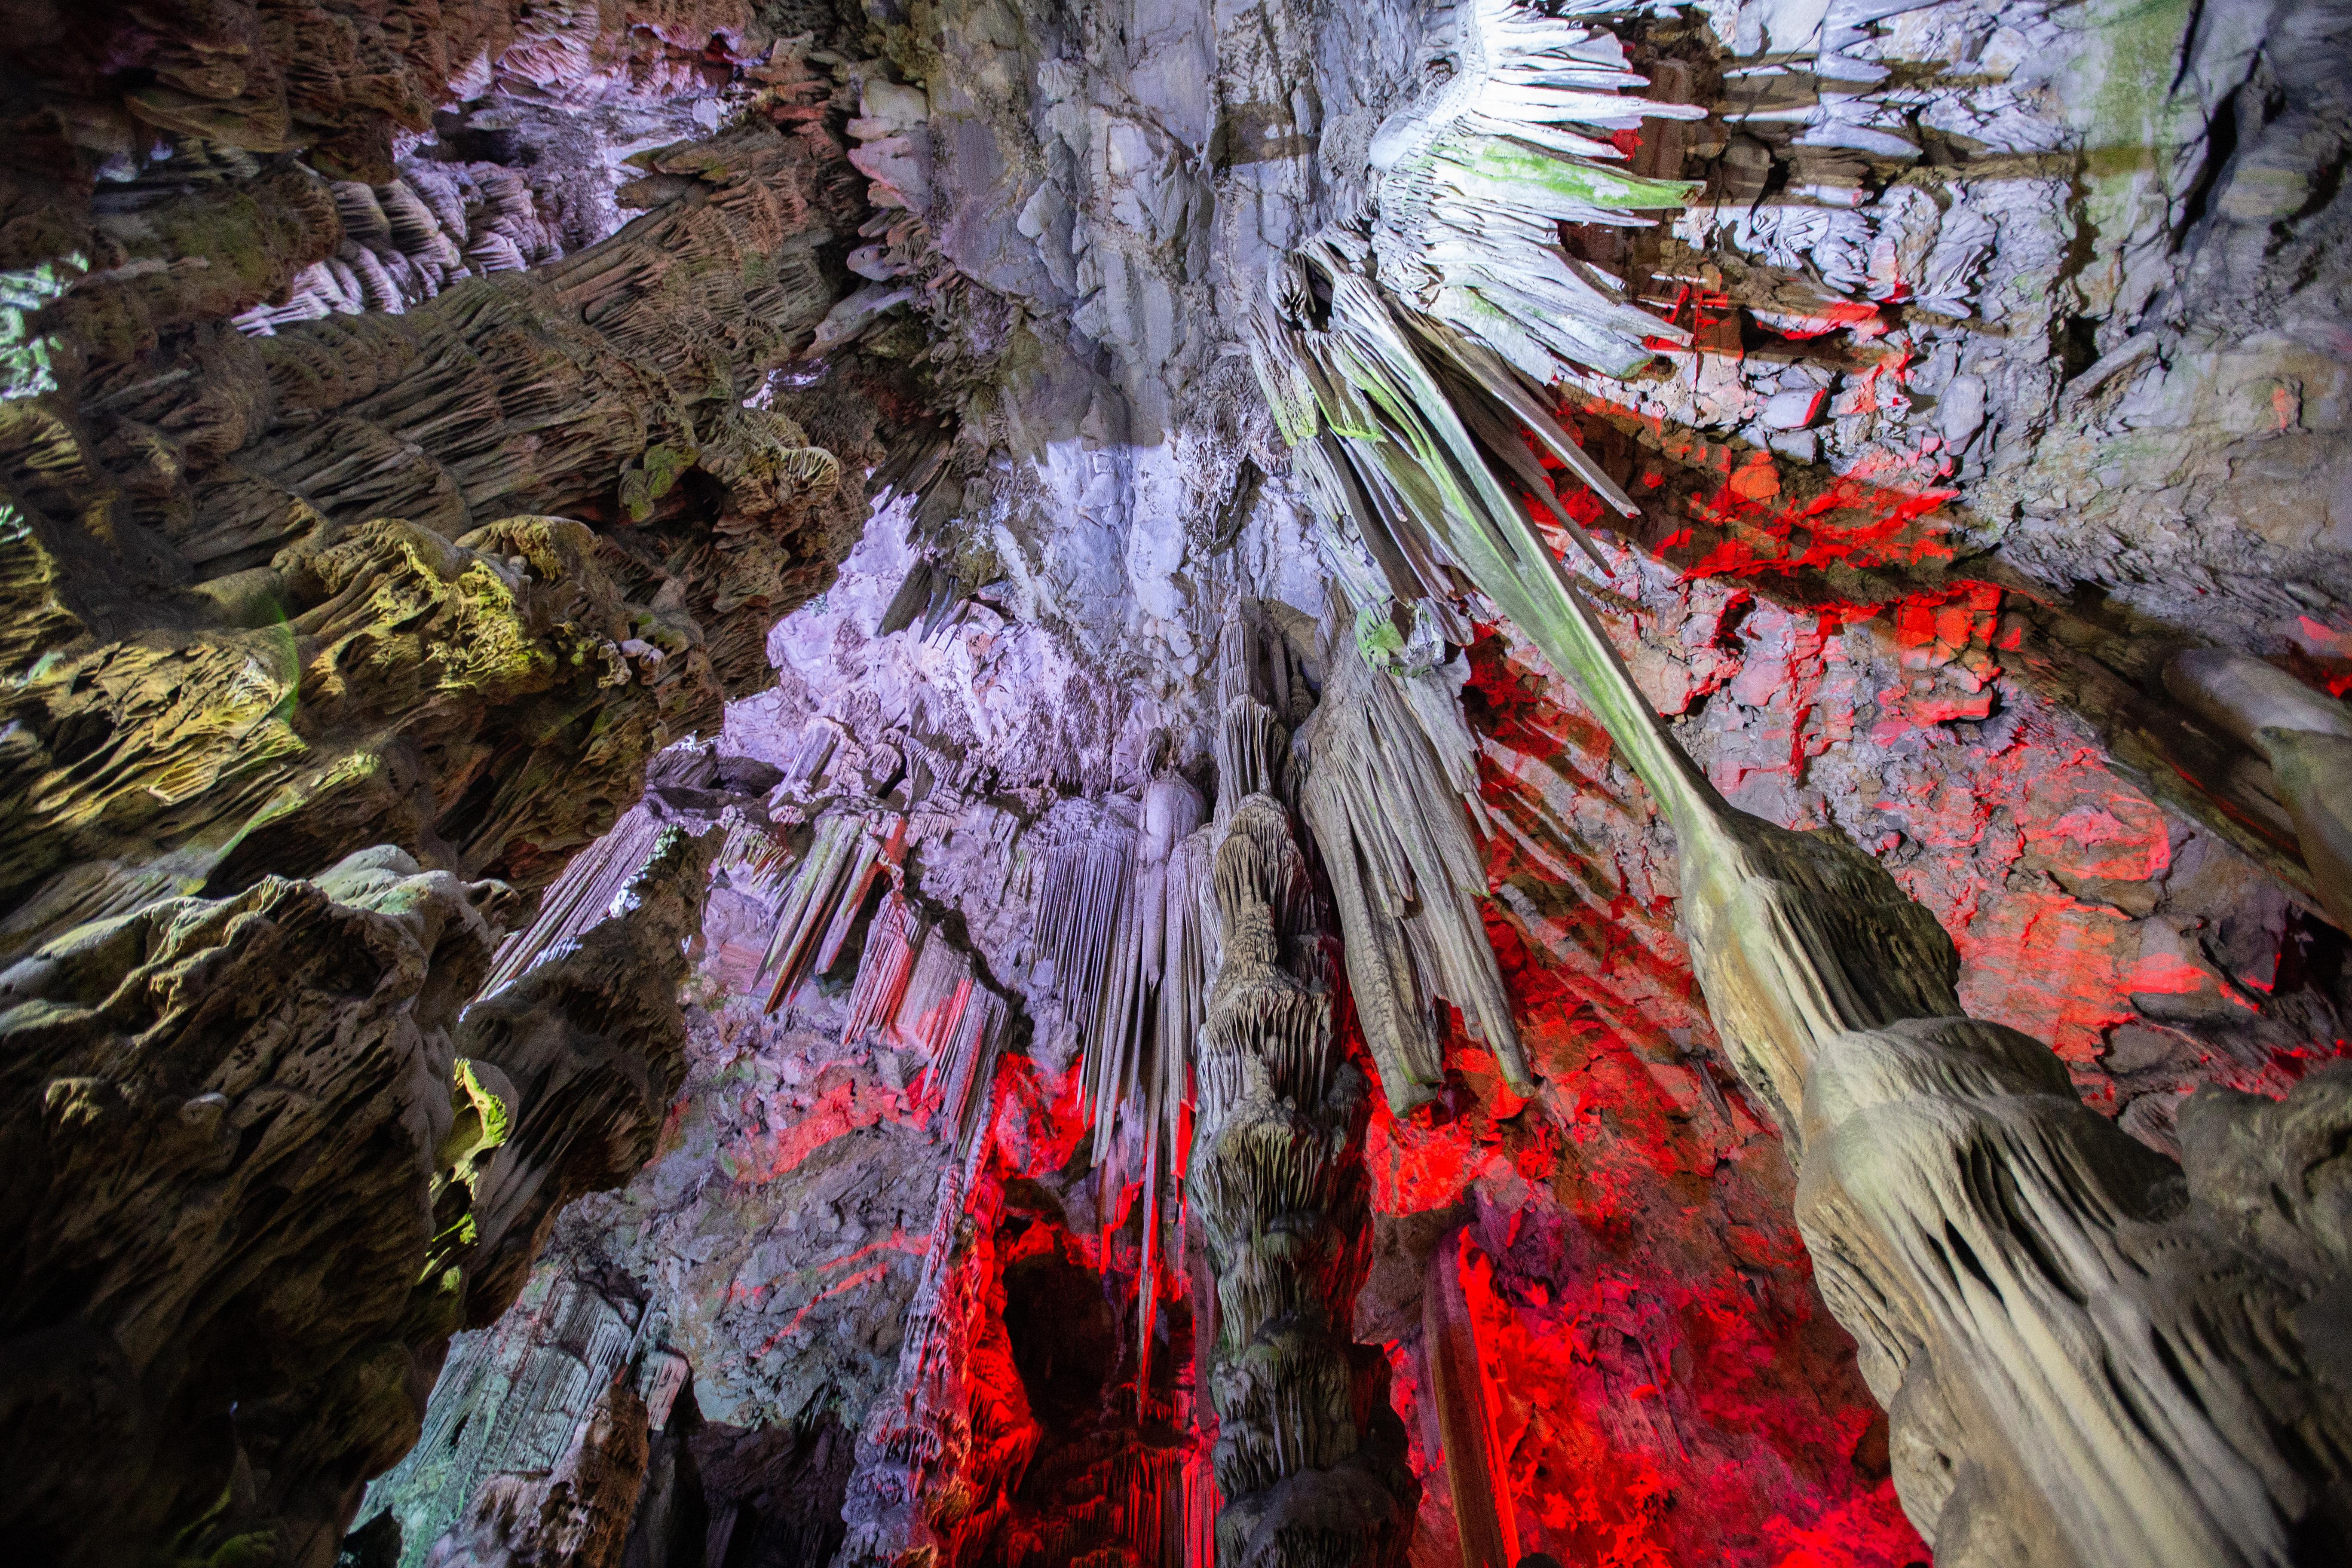 <p><strong>Красиви и любопитни пещери</strong></p>  <p>Варовиковата маса на Гибралтарската скала се издига на 426 метра. Пещерата Сан Мигел е ключова атракция със своите сталагмити и сталактити.</p>  <p>През юни стартира и ново звуково и светлинно шоу, което ще отведе посетителите на пътешествие през геоложката история на района.</p>